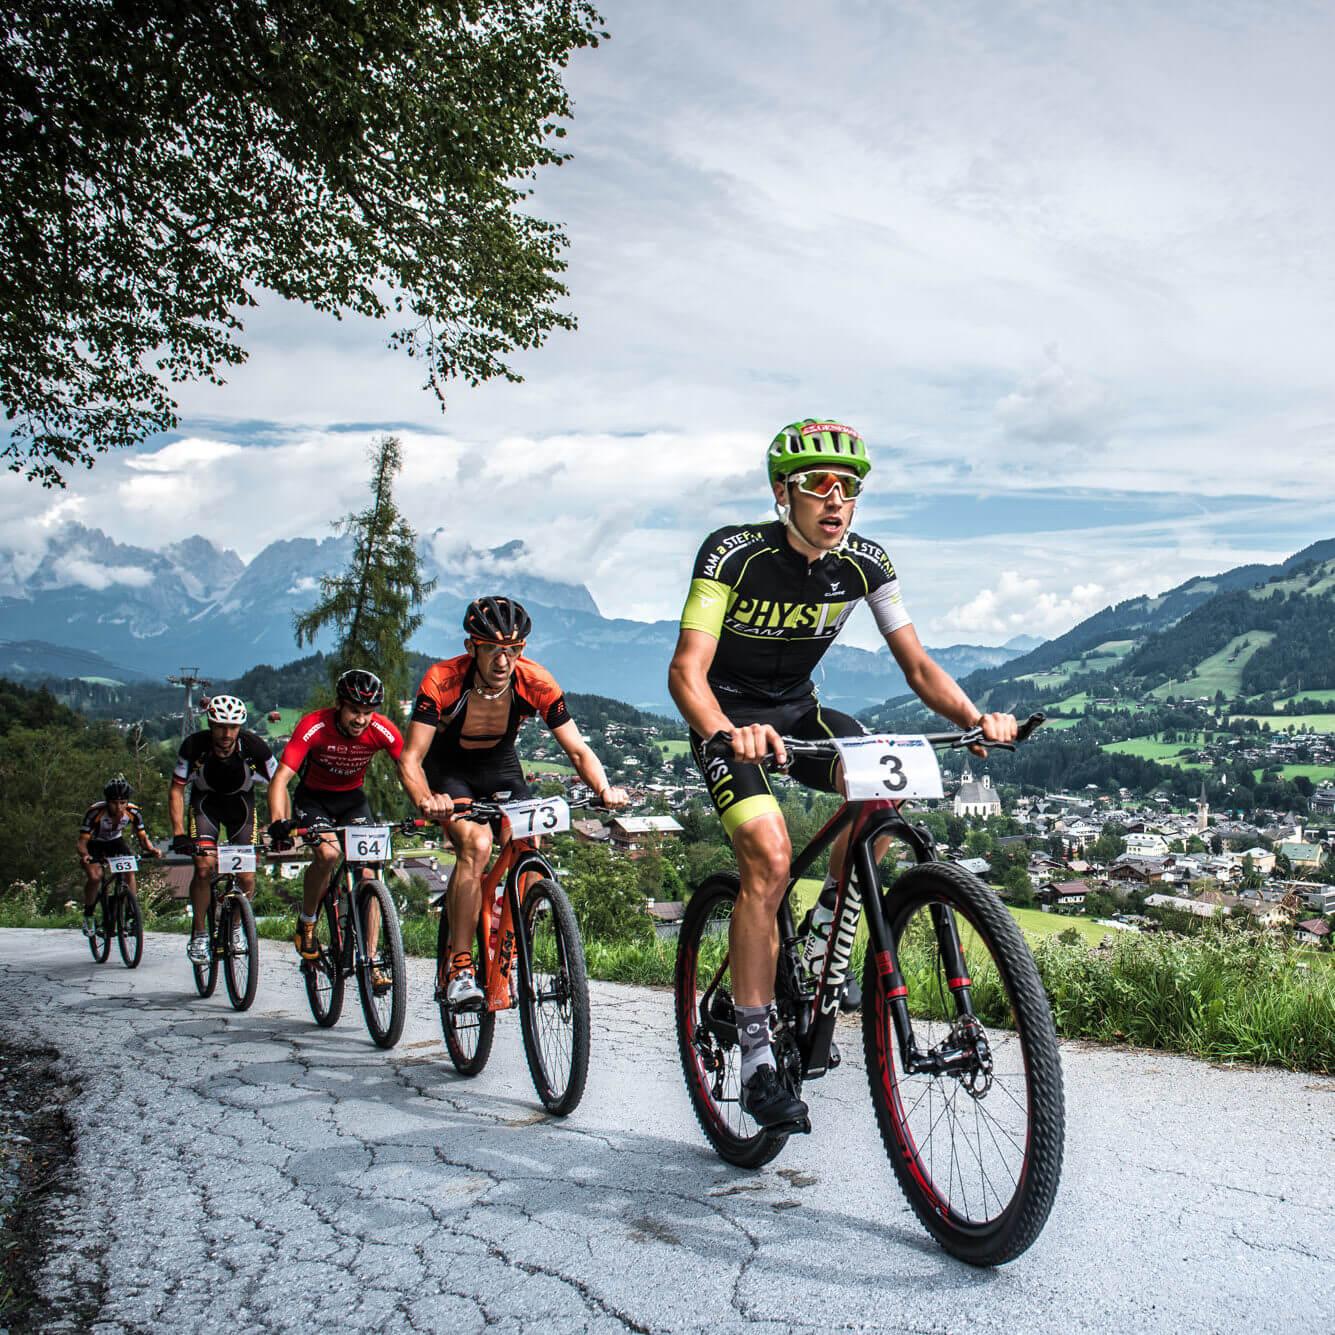 Anmeldung Radrennen 2021